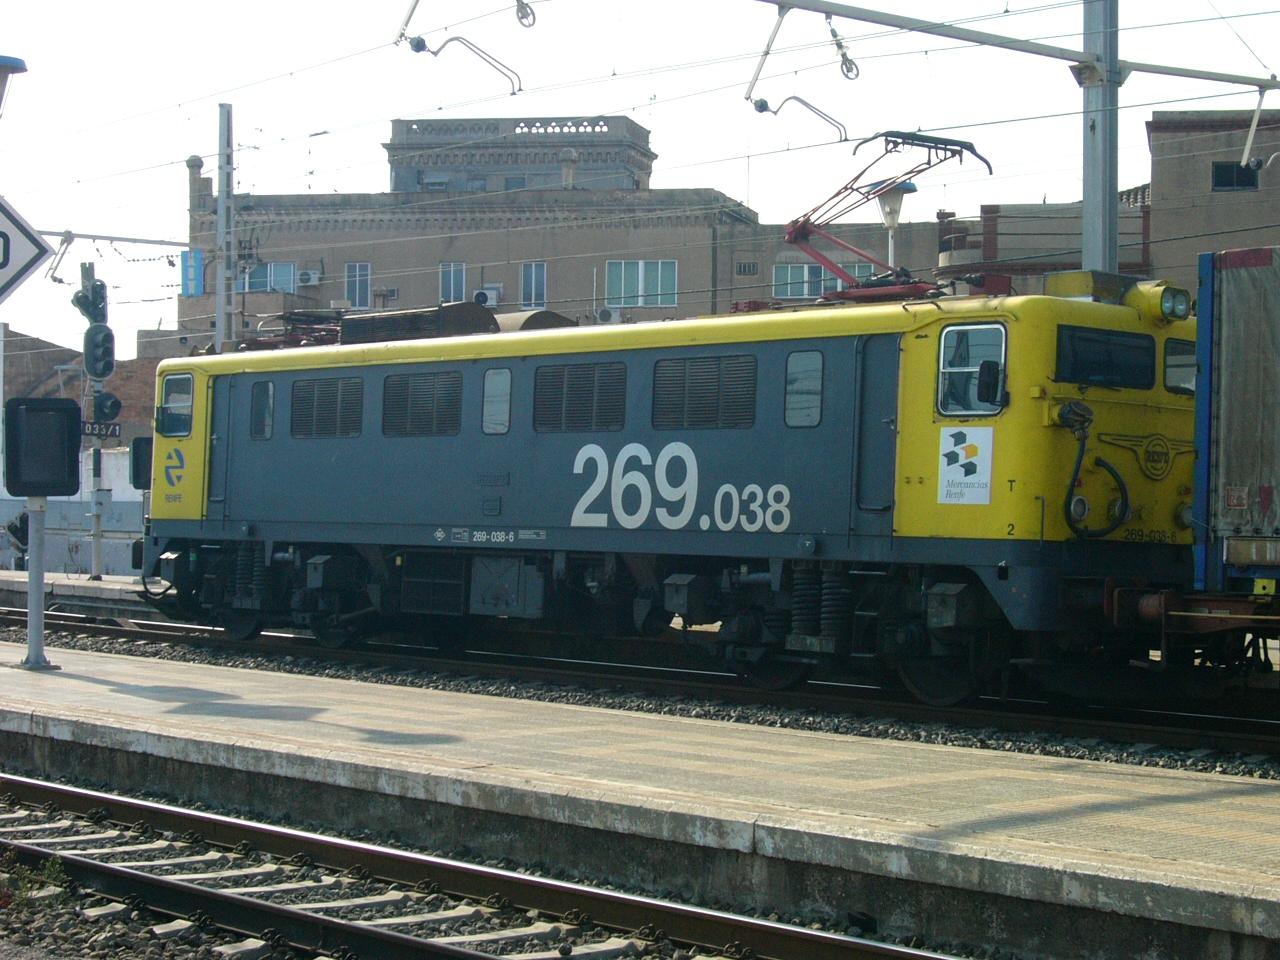 Locomotora 269-038 en la estación de Tarragona. Foto de Rq113kt4 en el año 2004.